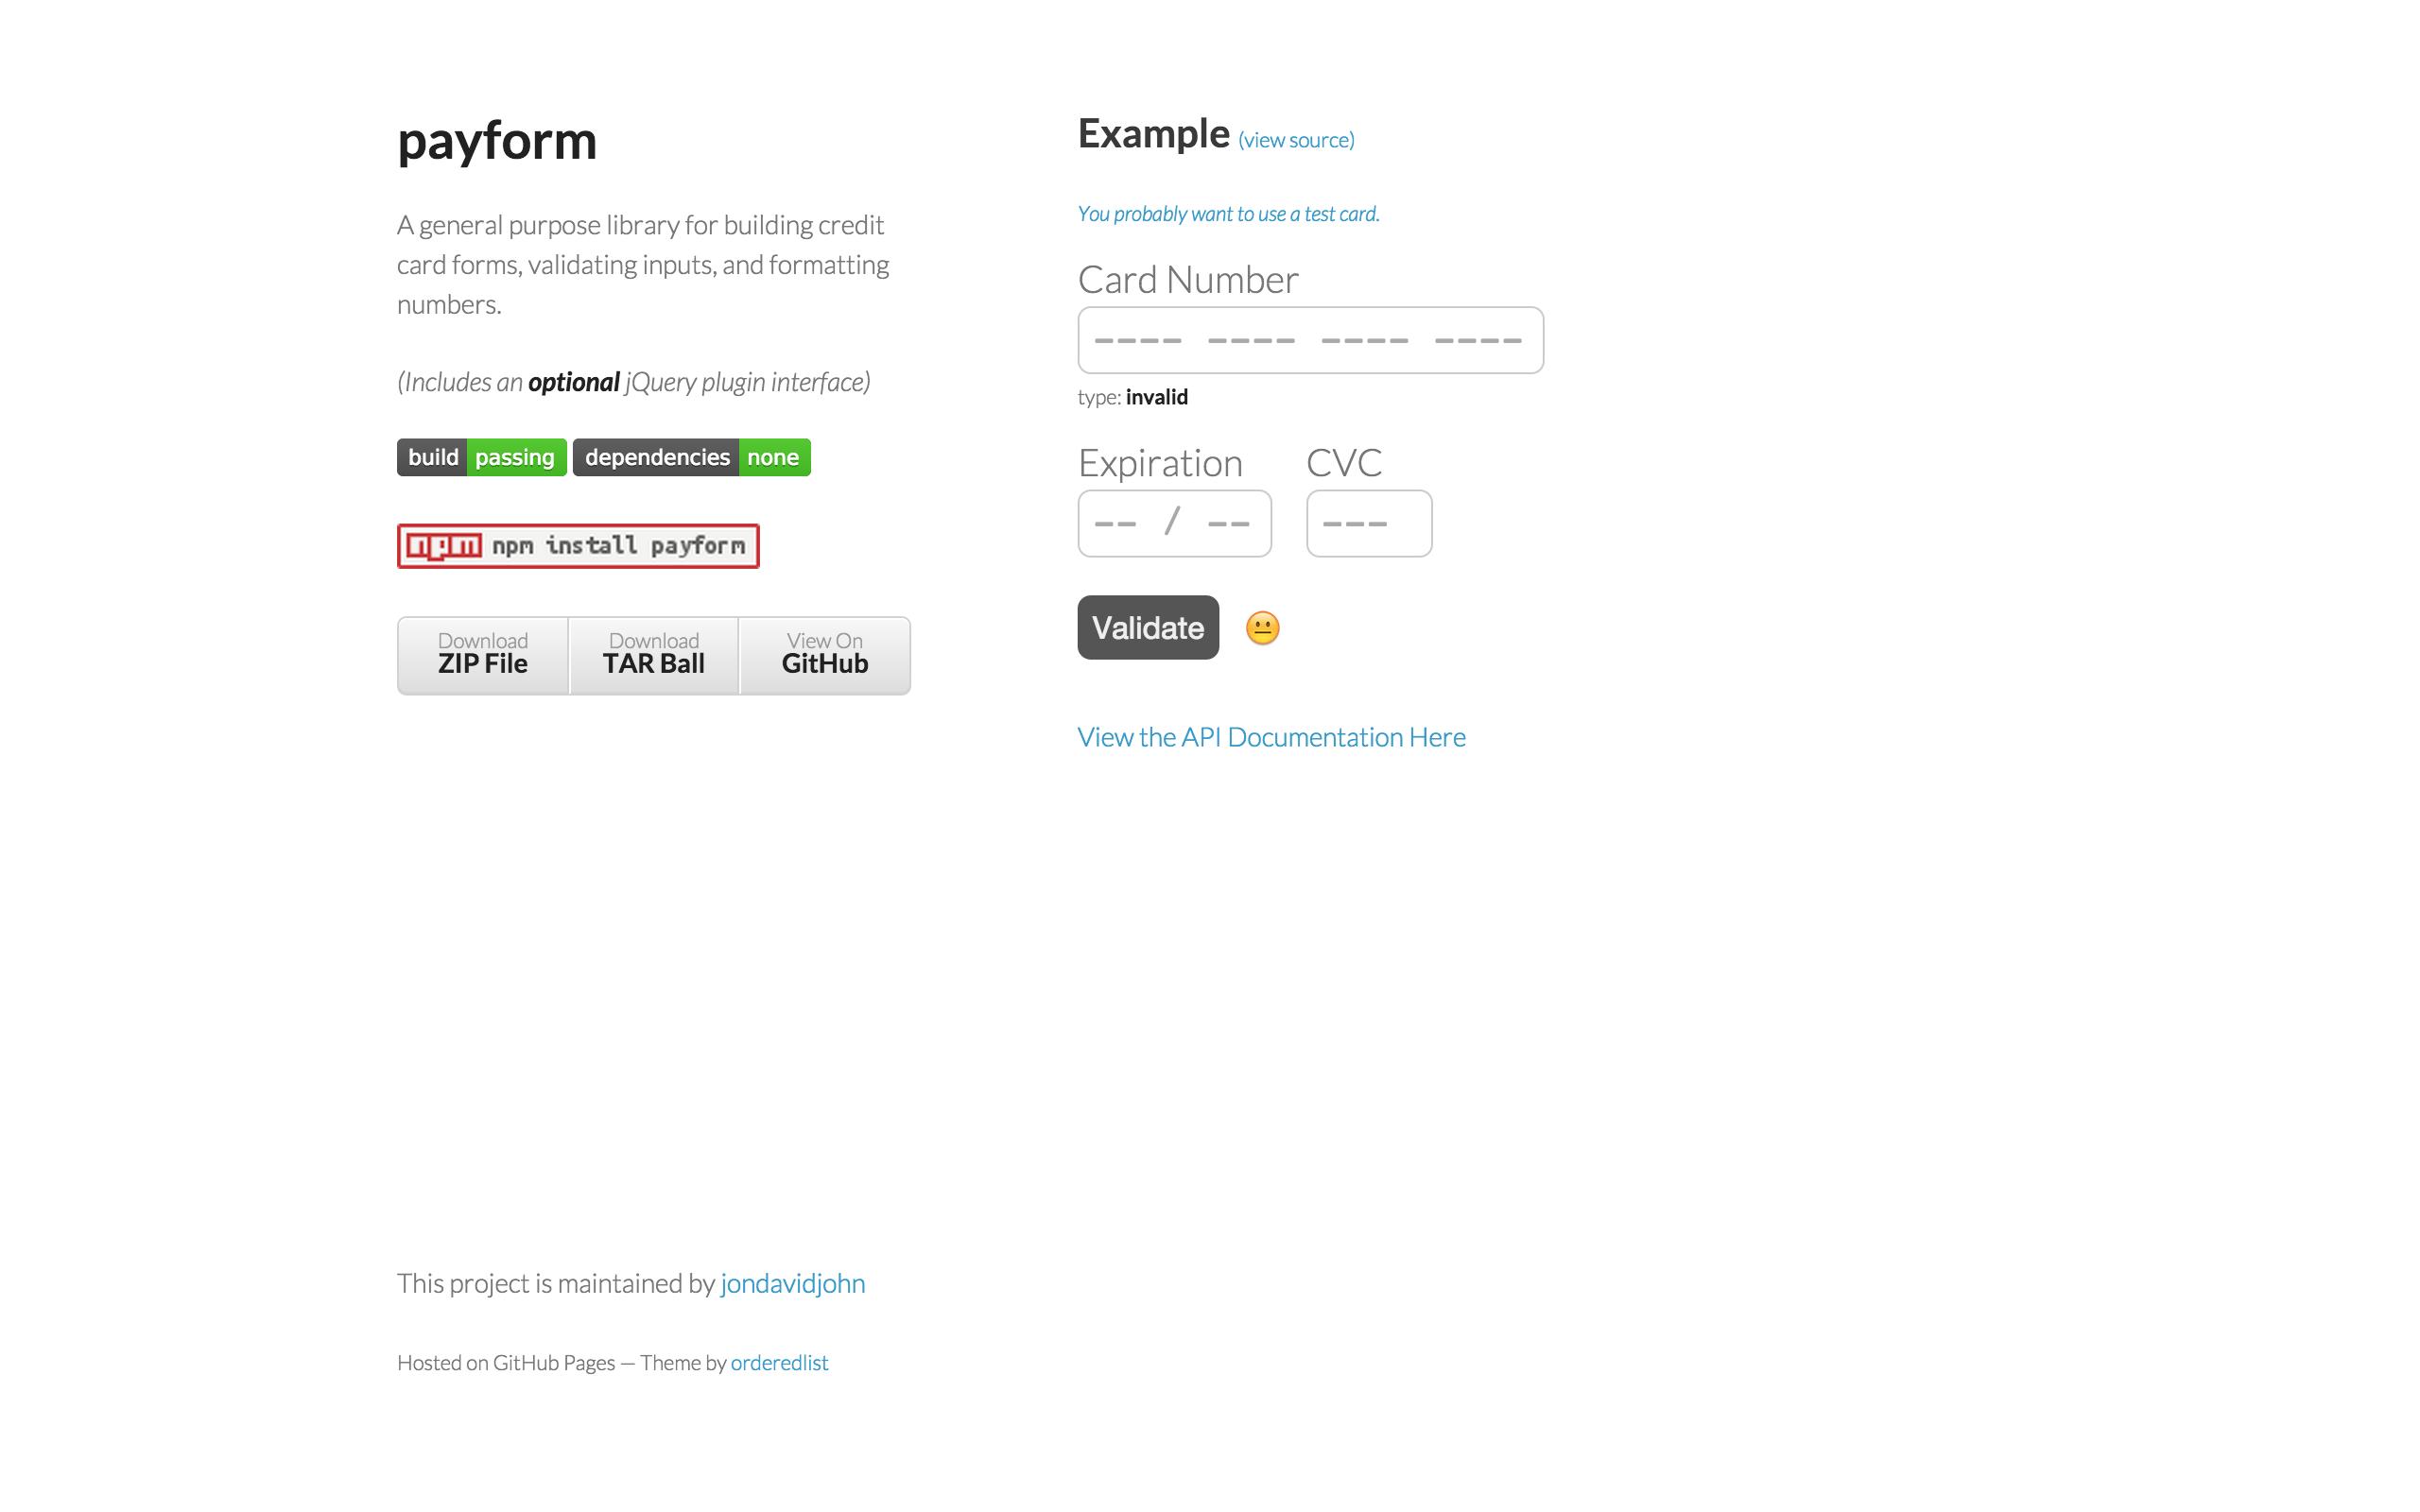 payform.png